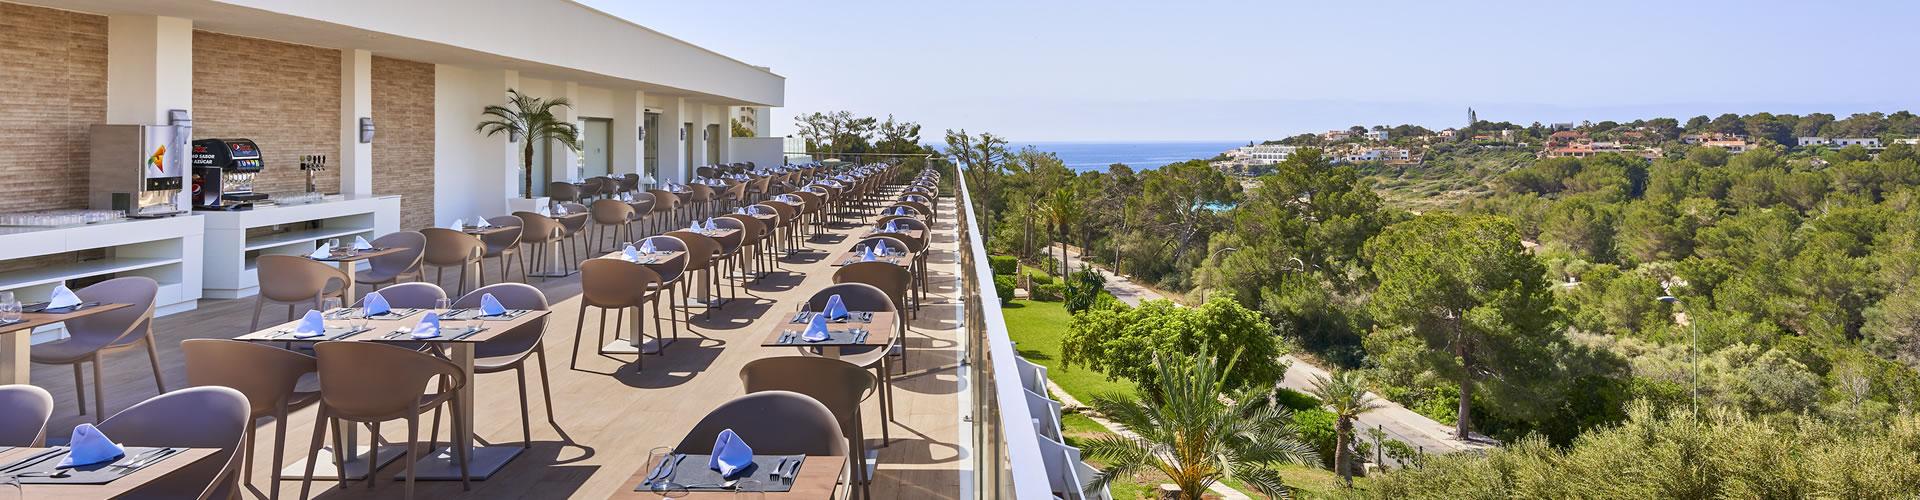 Hoteles En San Pedro De Alcantara